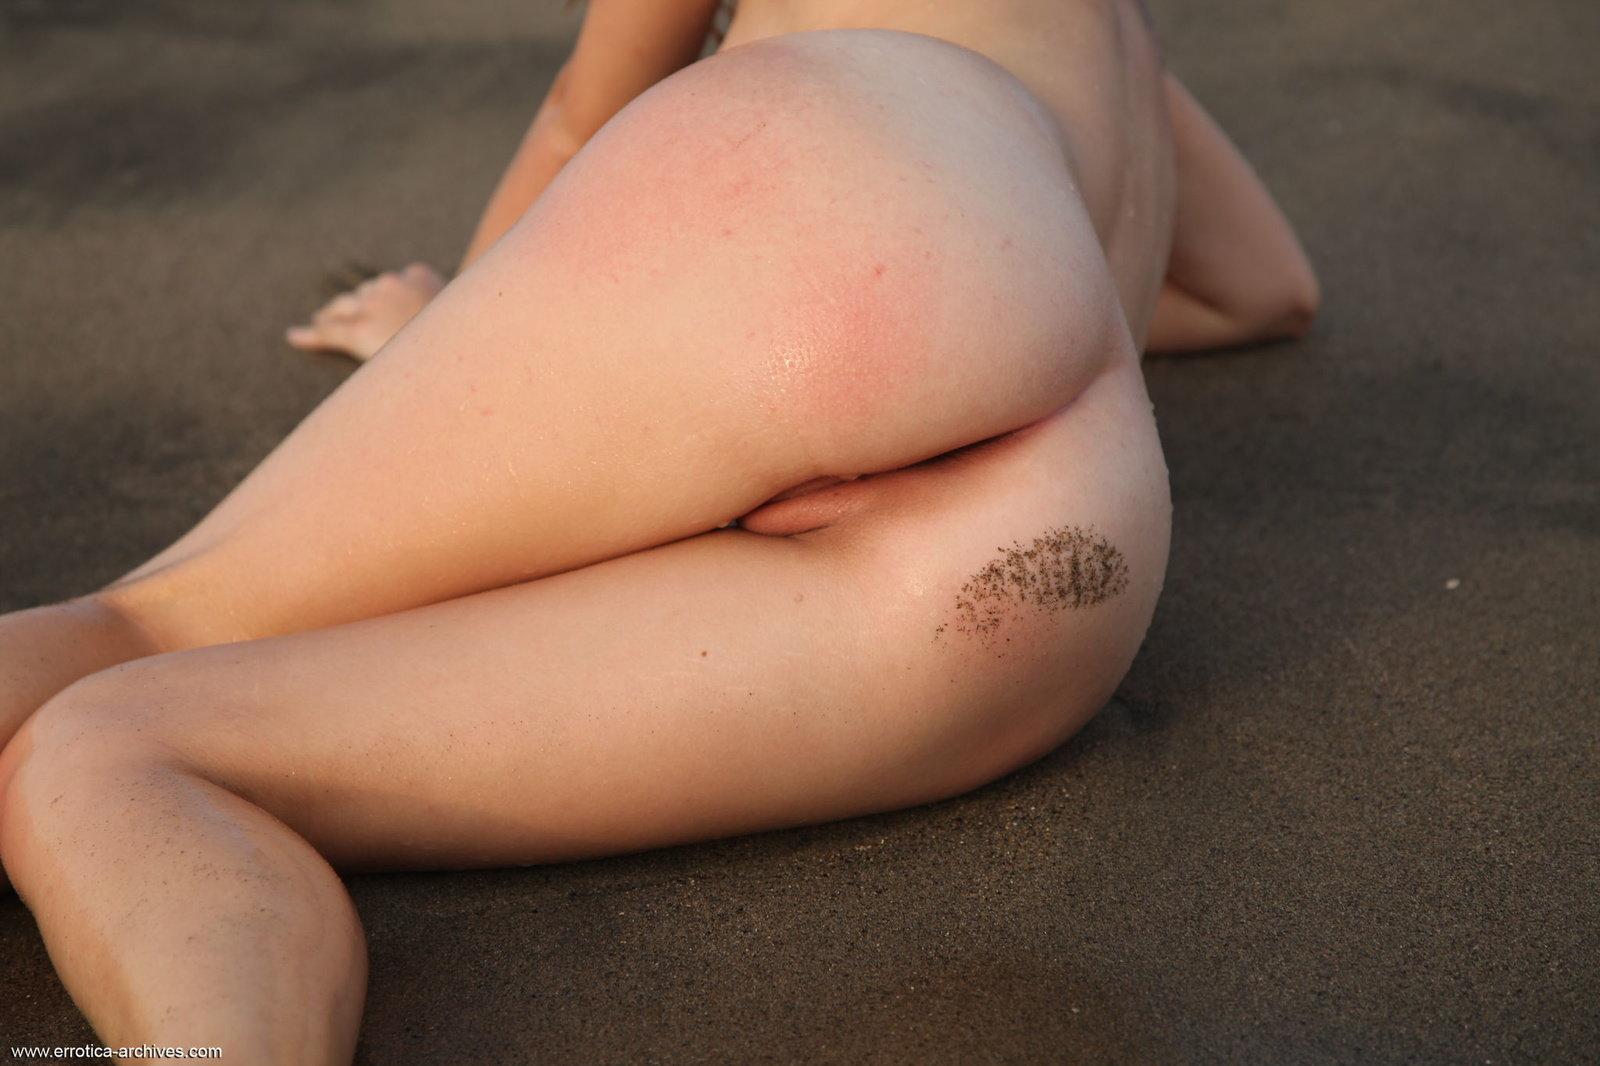 Zdjęcie porno - 152 - Tyłeczek w piasku